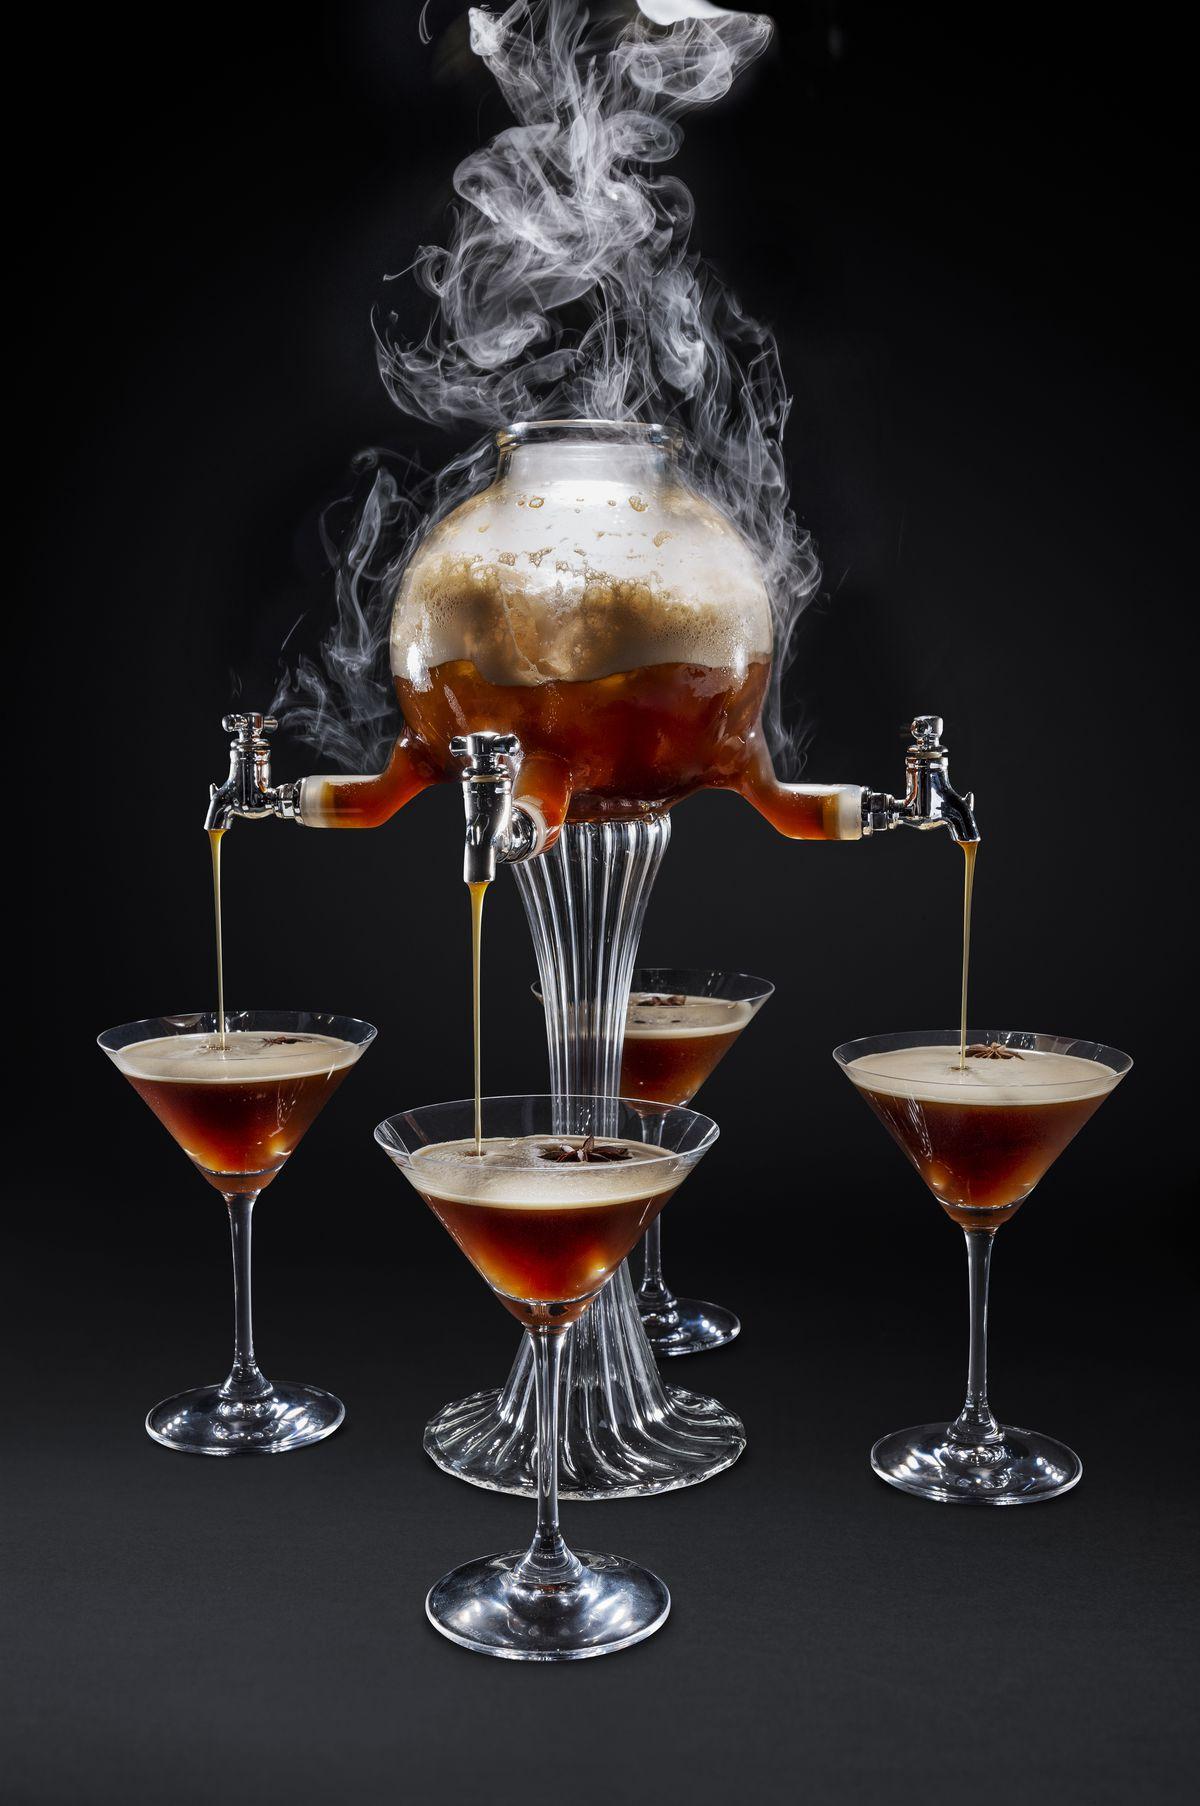 Espresso martini service at Mr. Coco